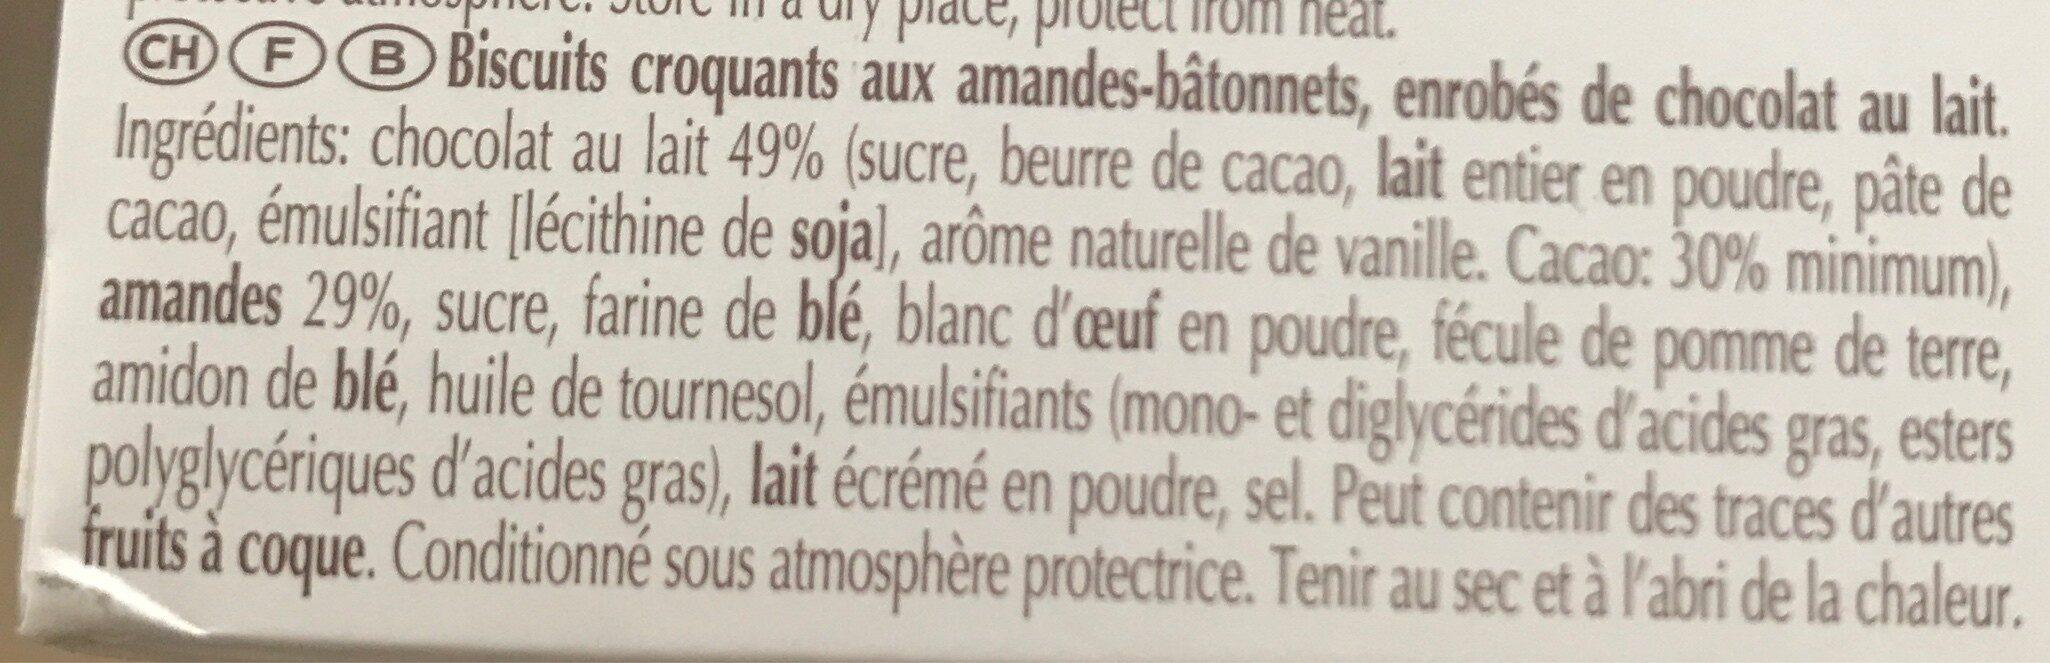 Rocher aux amandes - Ingrediënten - fr